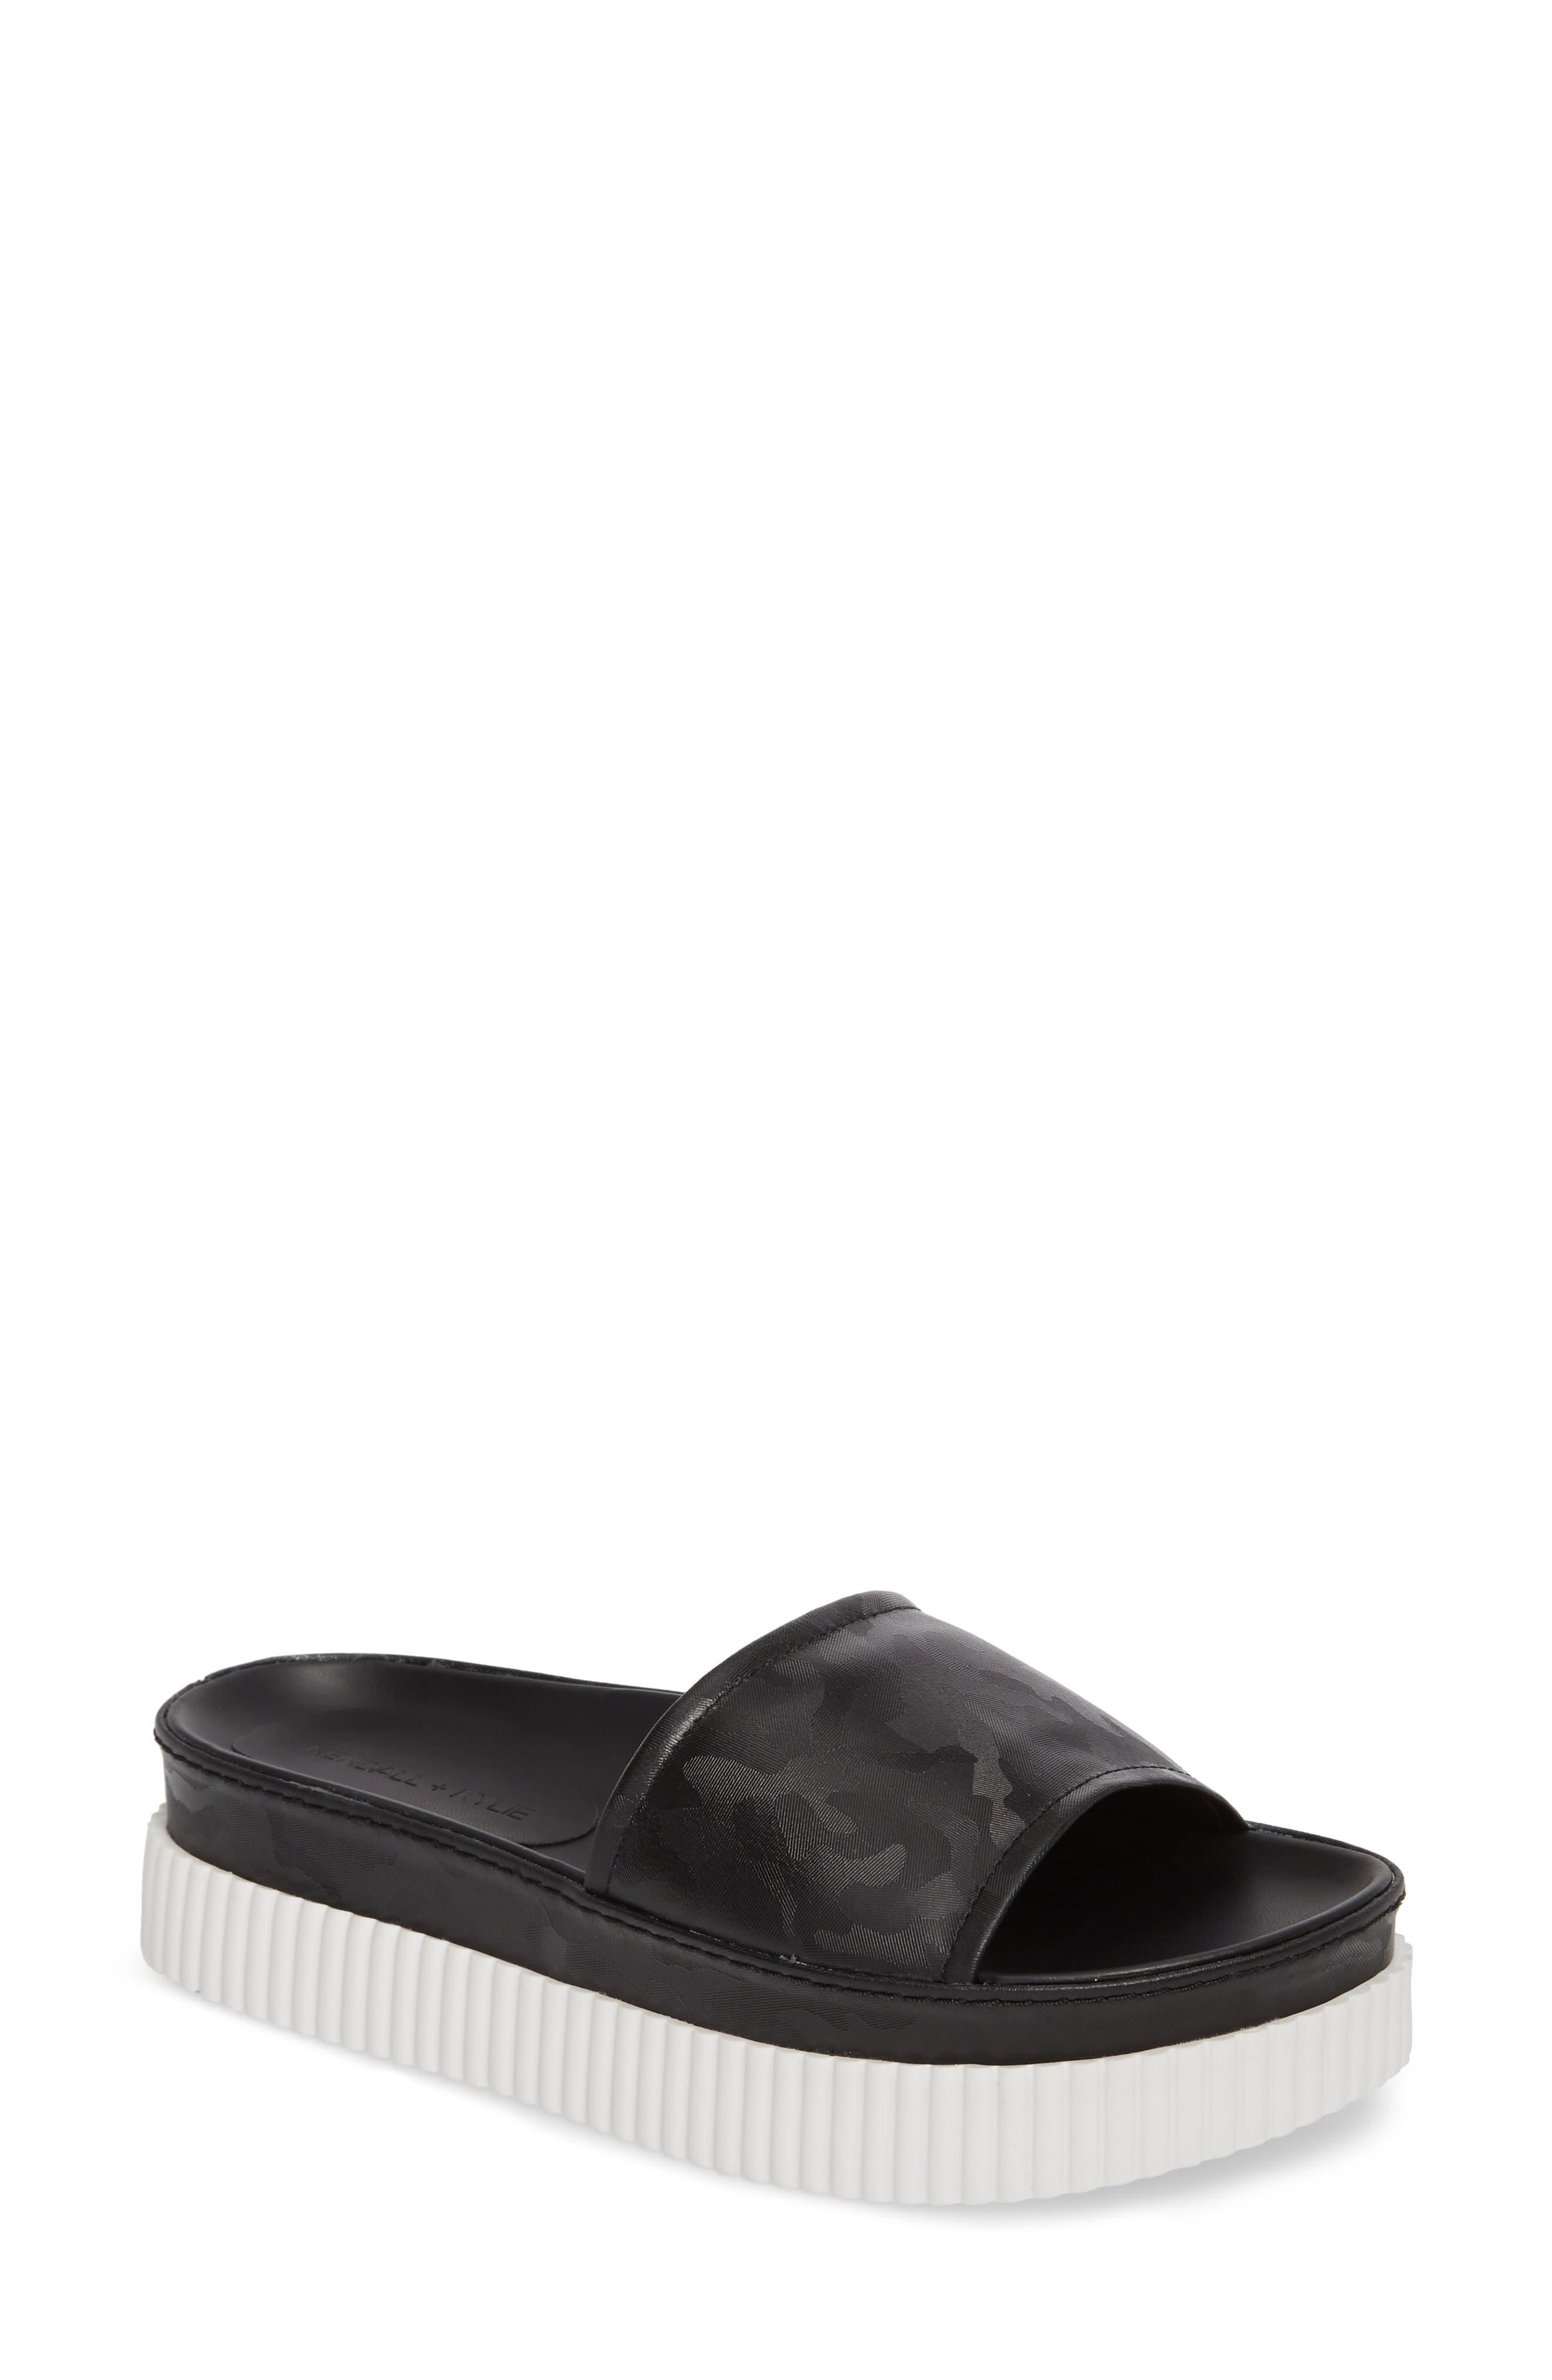 Isla Pool Slide Sandal,                             Main thumbnail 1, color,                             Black/ Camo